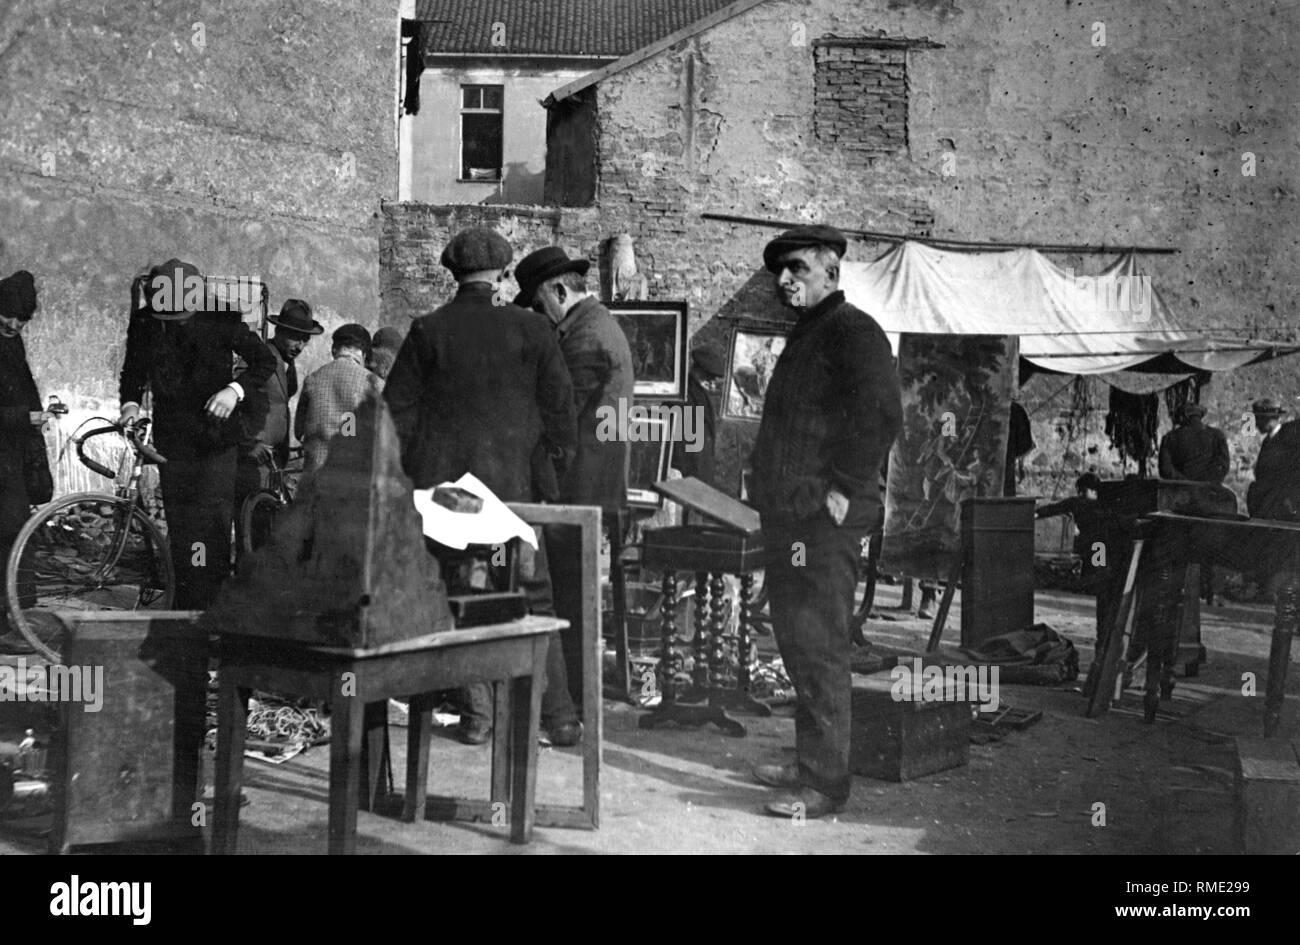 italy, piemonte, turin, mercato delle cianfrusaglie, 1915 - Stock Image